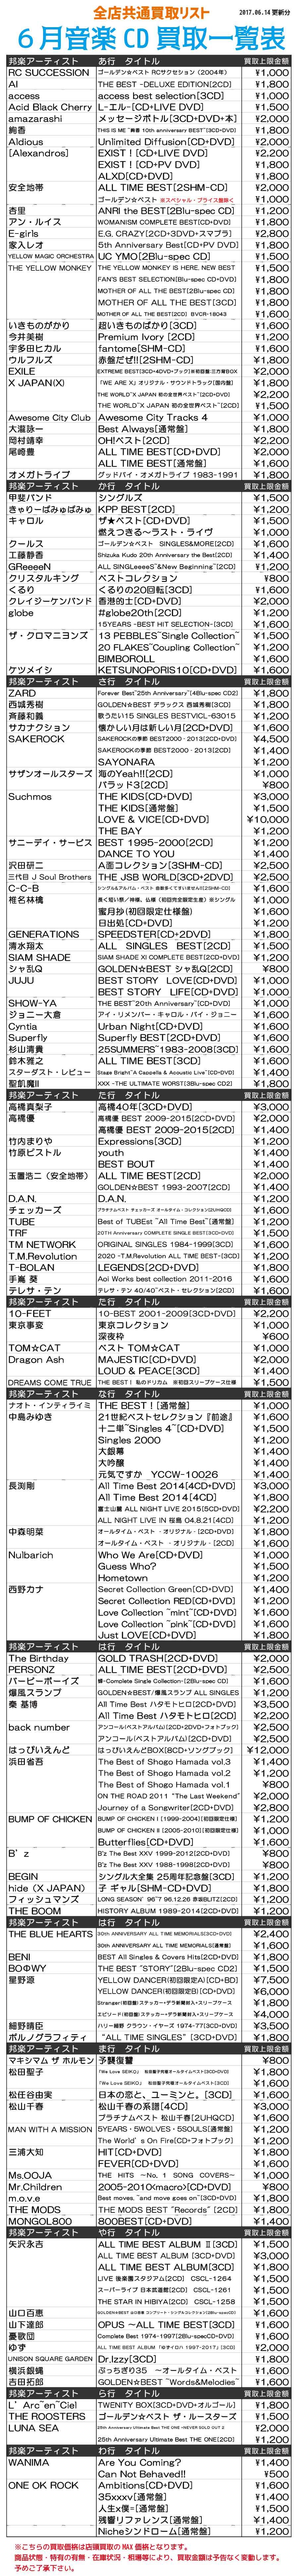 「開放倉庫山城店」2017.6.14更新分/邦楽・音楽CD買取表!!更新しました!